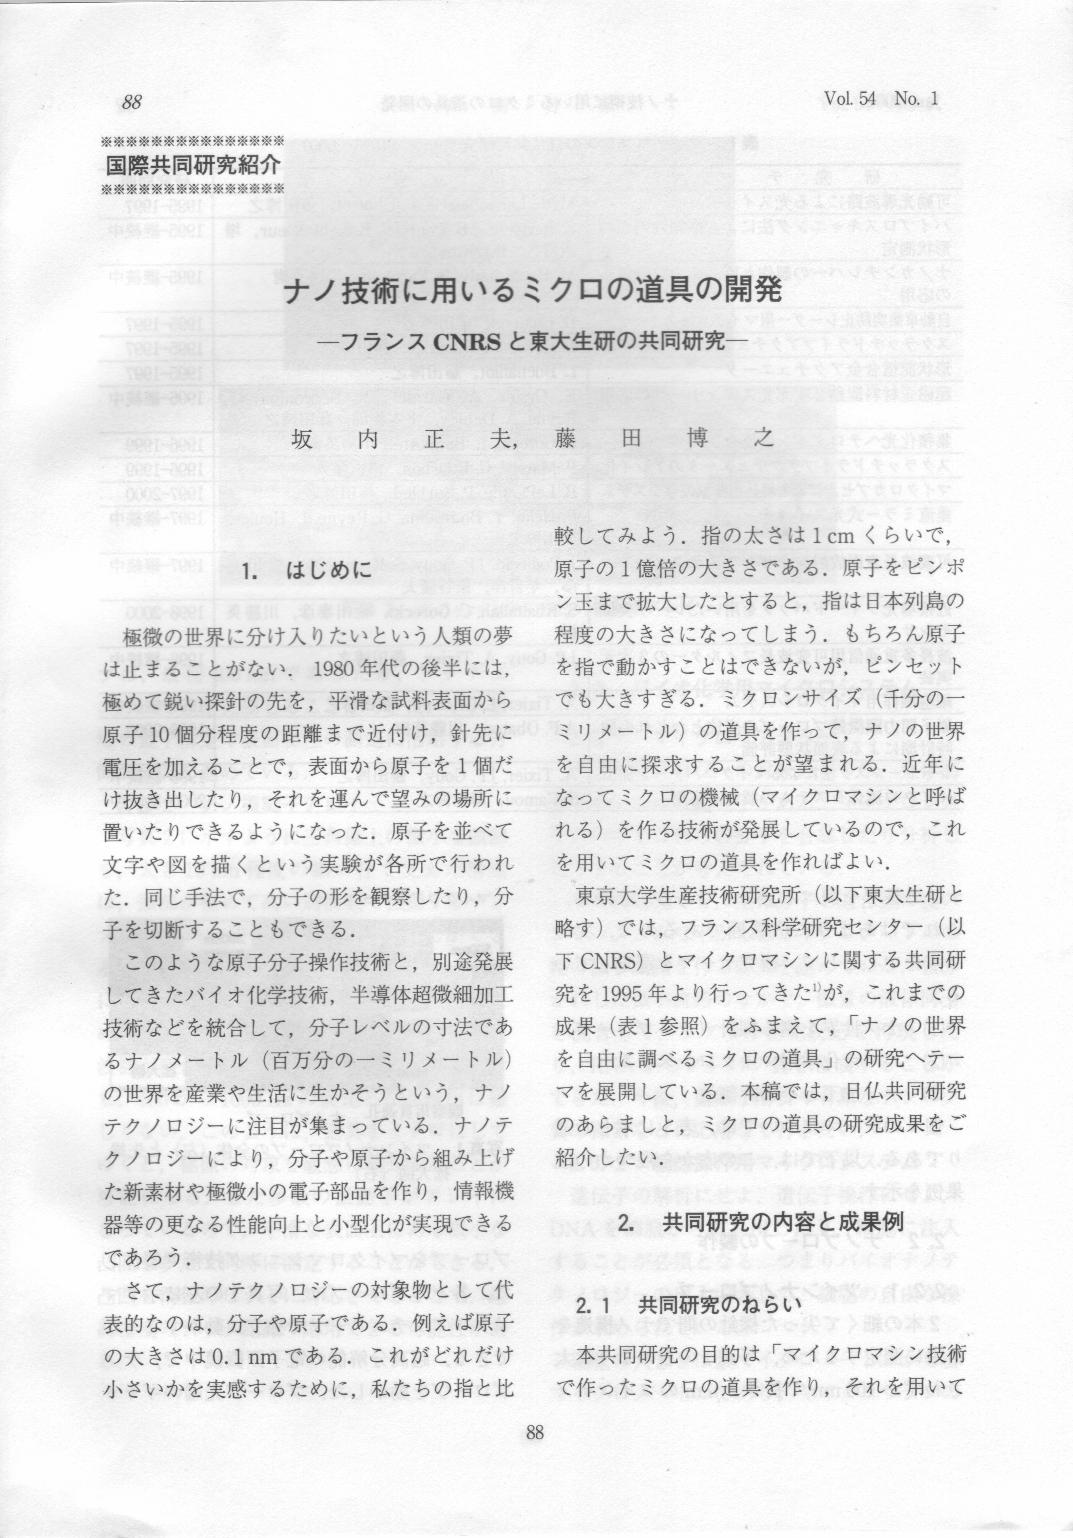 学術月報200101-1.png